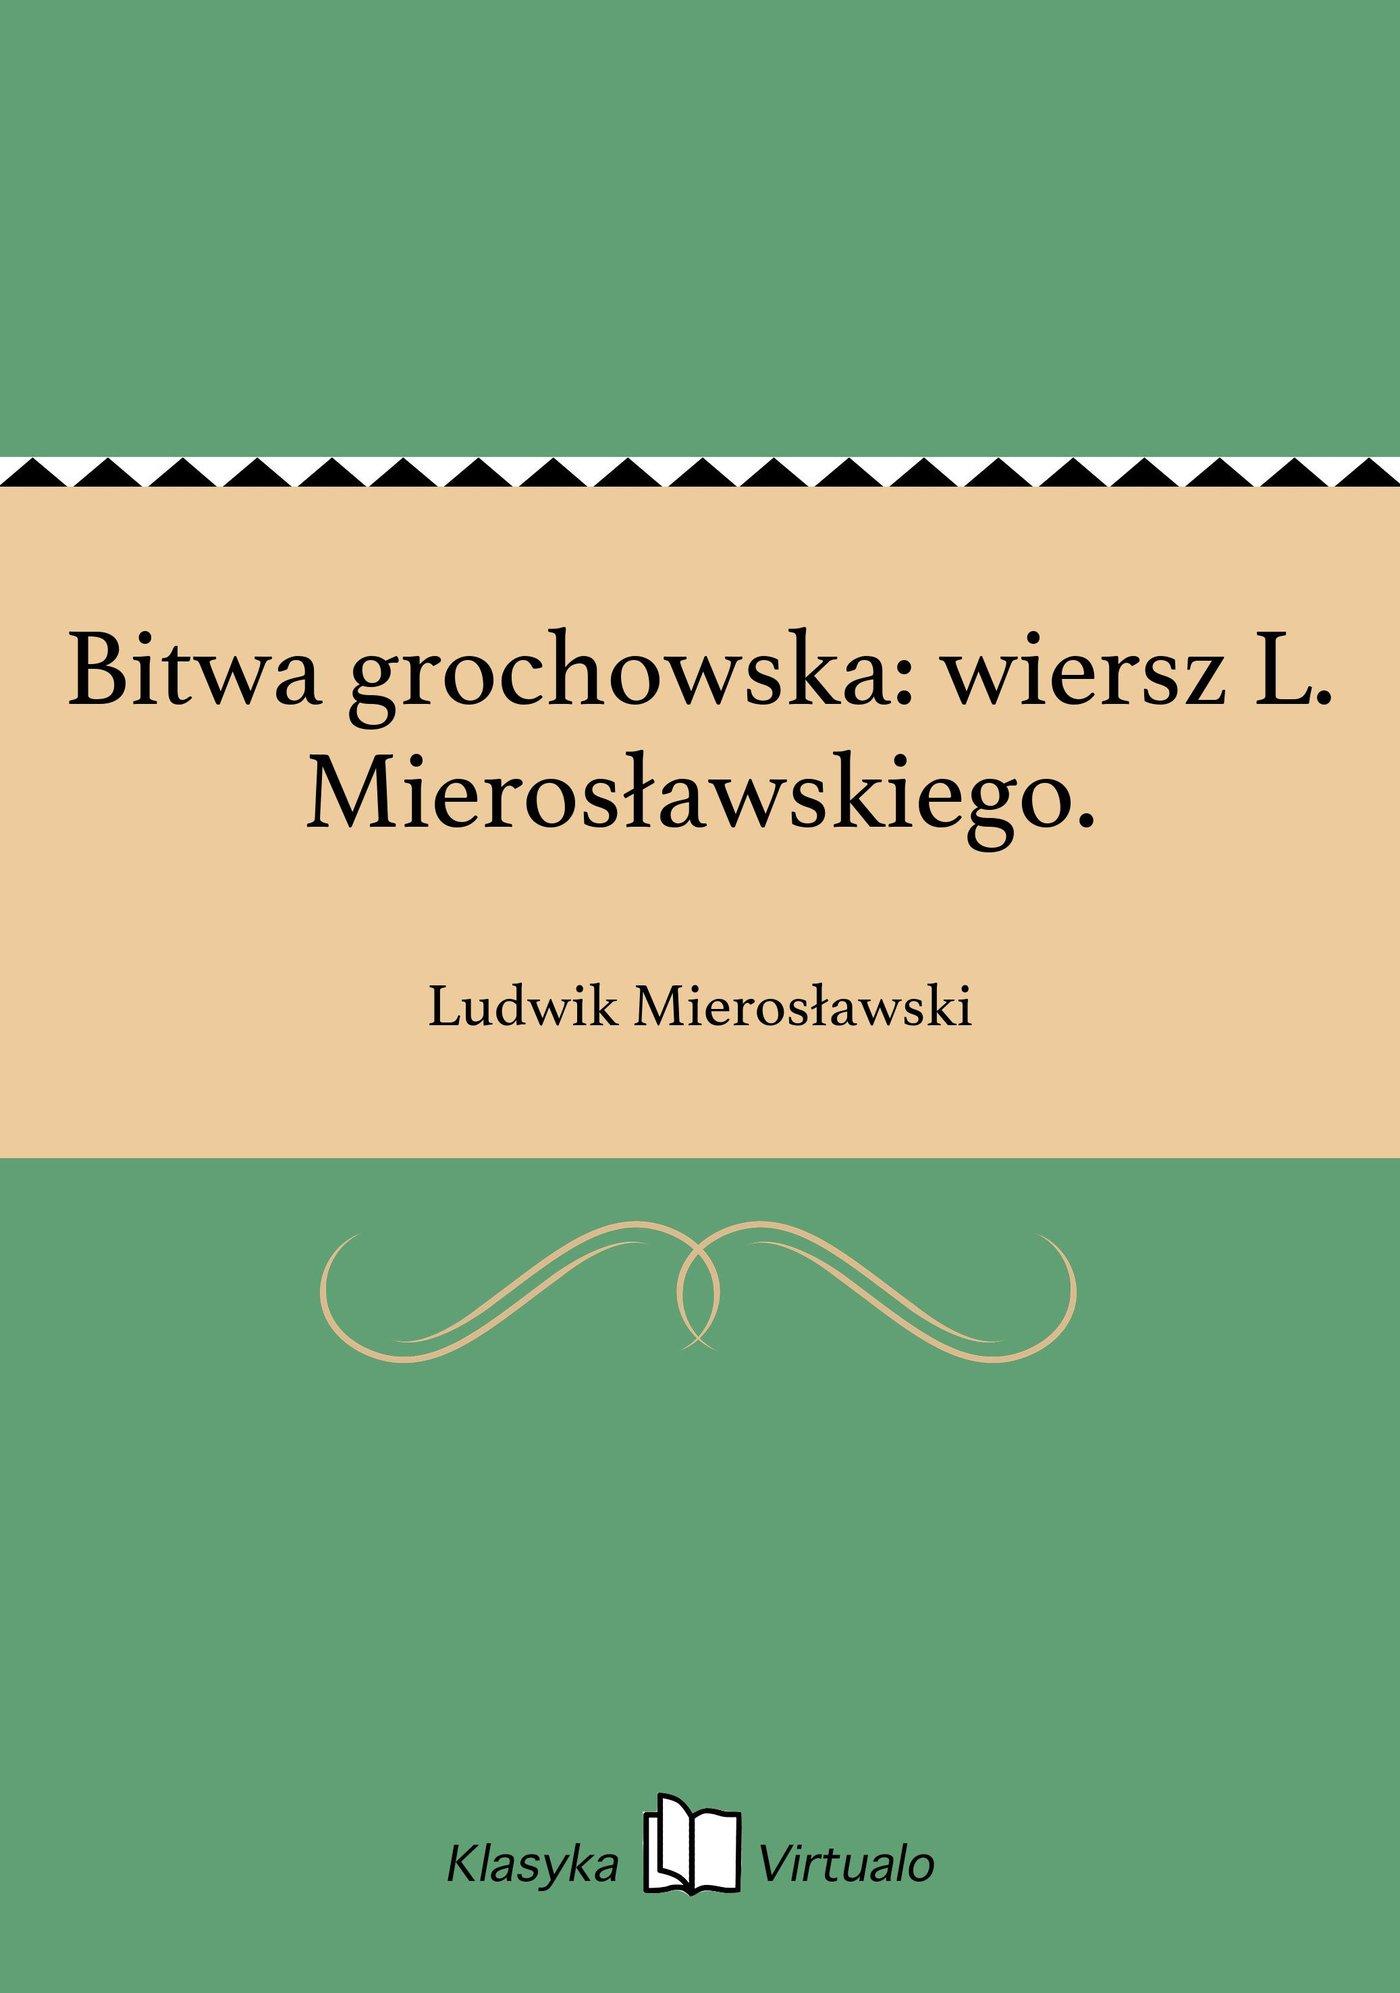 Bitwa grochowska: wiersz L. Mierosławskiego. - Ebook (Książka na Kindle) do pobrania w formacie MOBI